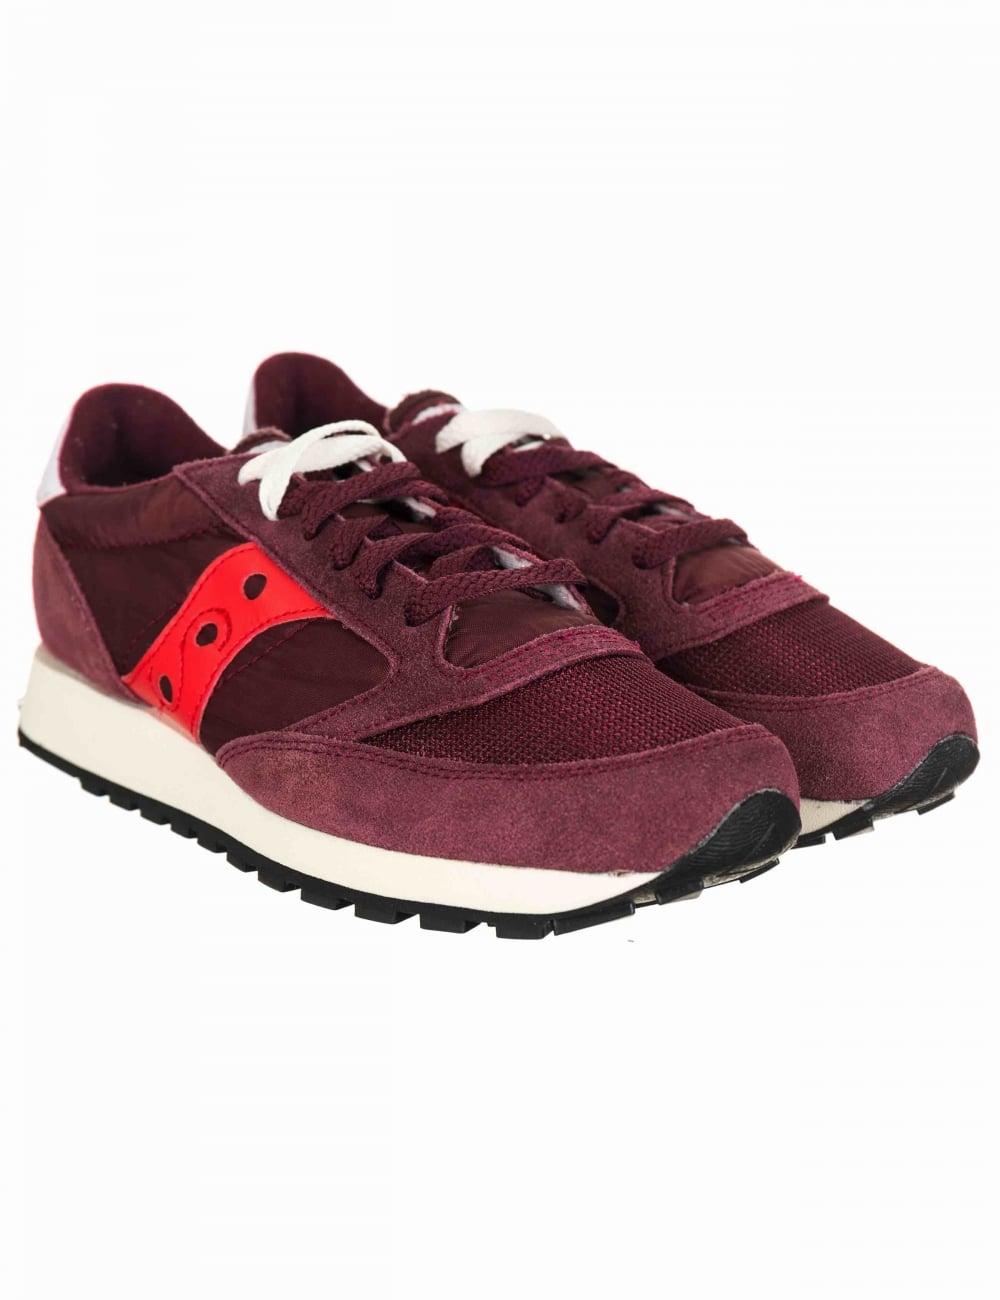 separation shoes fdd3e 52c4c Jazz Vintage OG Shoes - Vintage Burgundy/Red